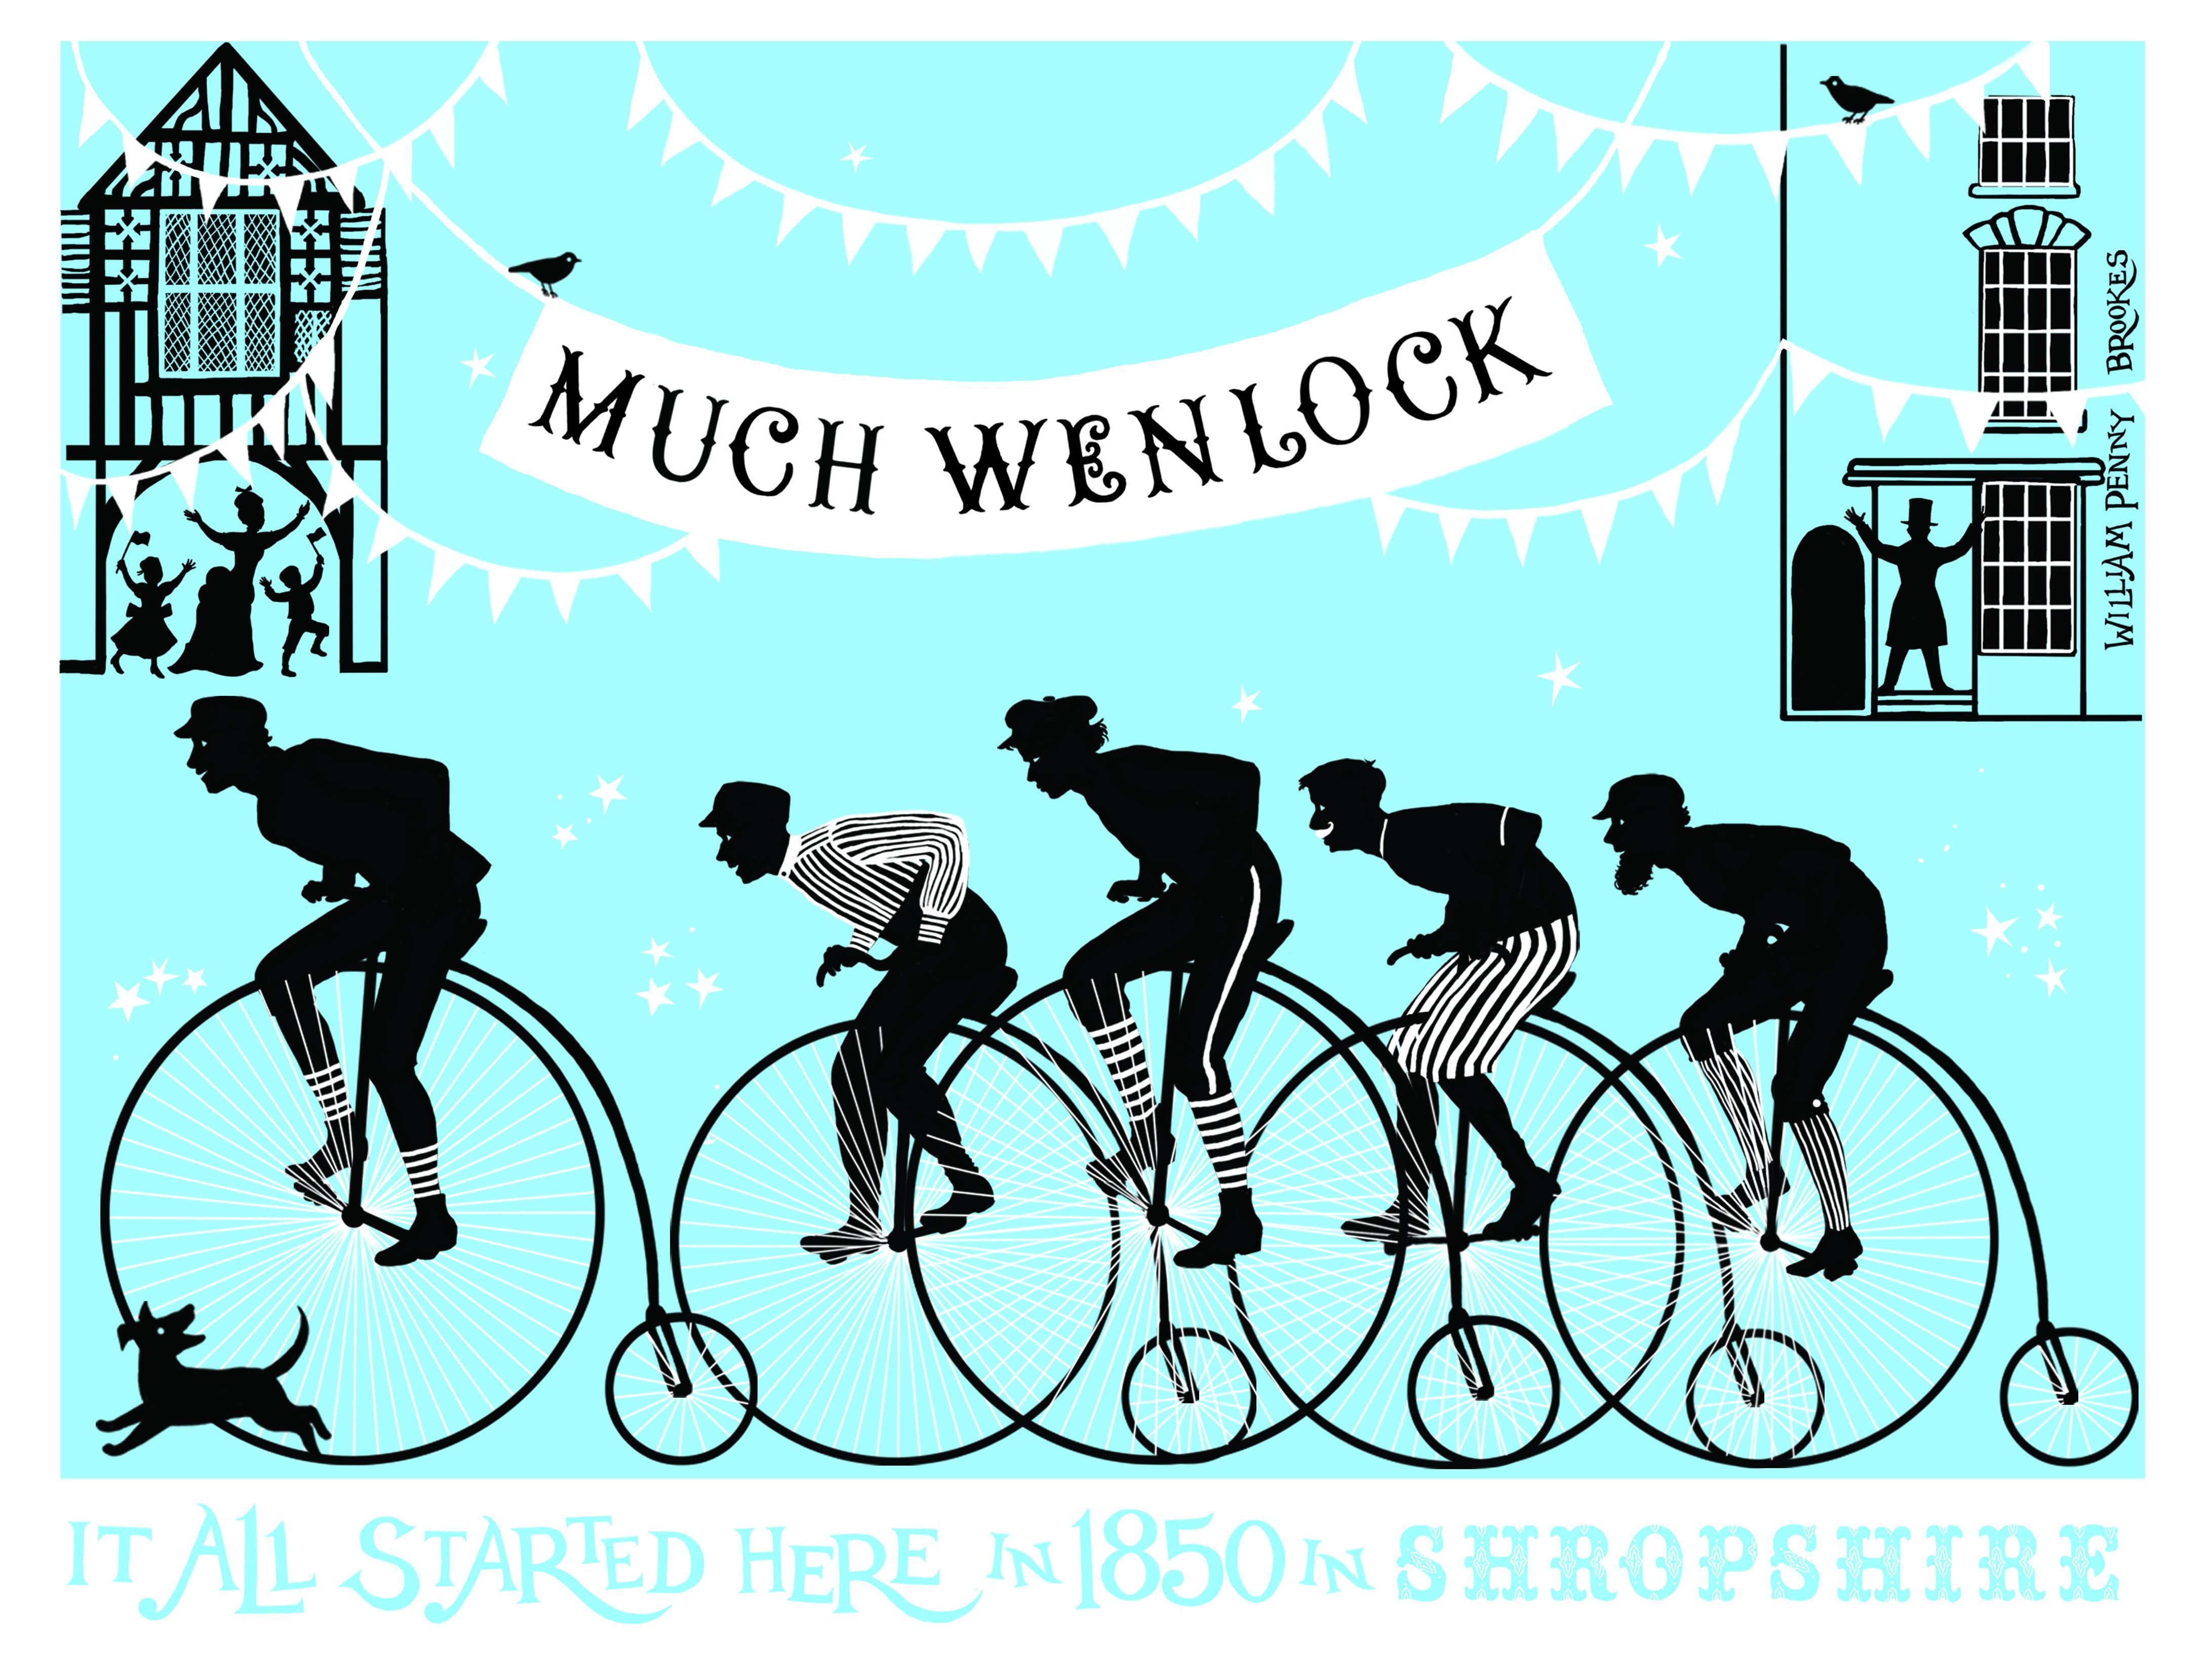 Much Wenlock 2012